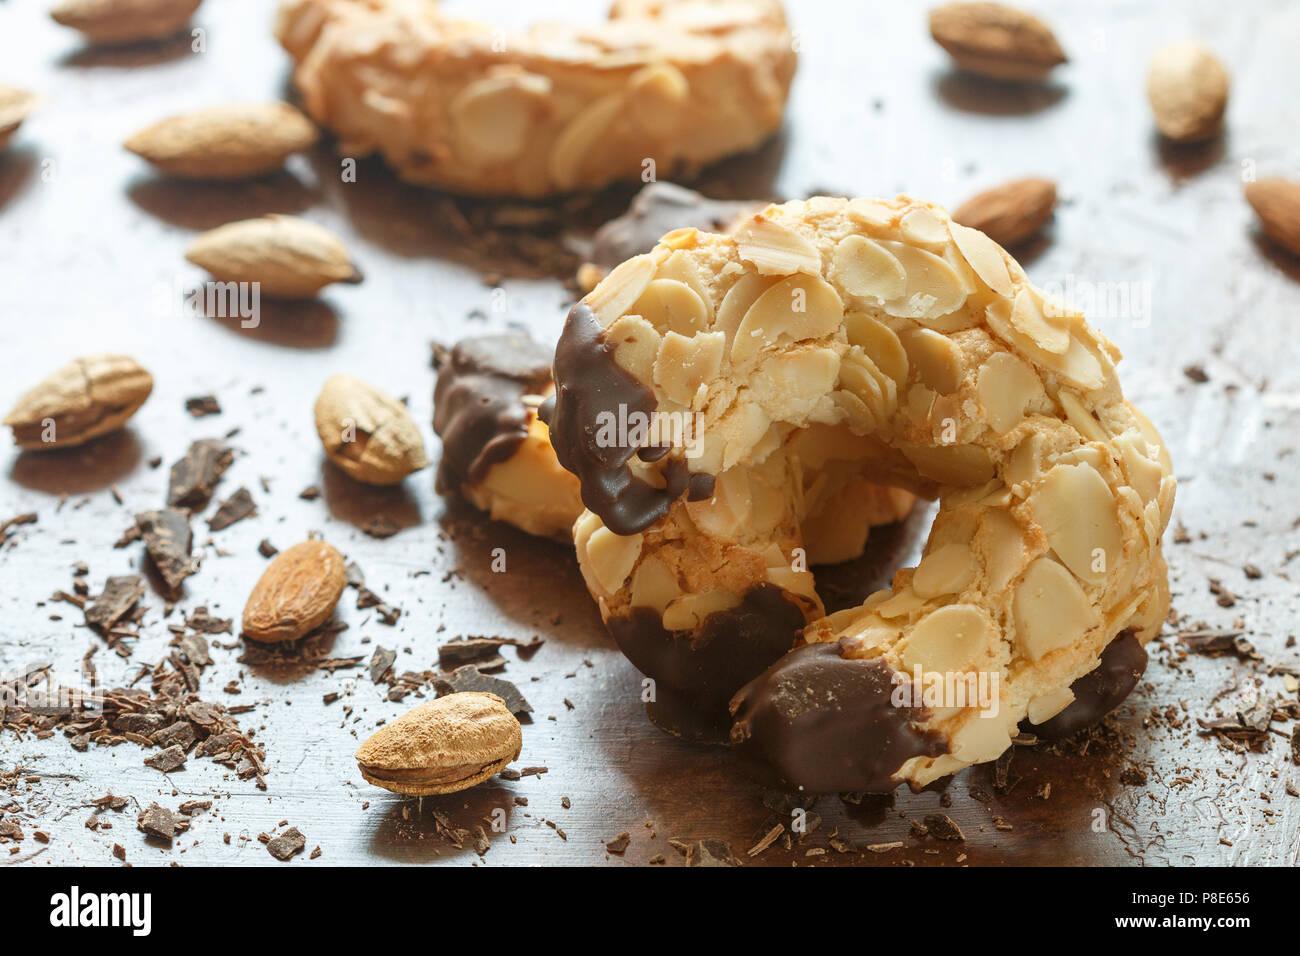 Sablés faits maison avec des amandes et chocolat. Dessert croustillant pour le thé et café. Selective focus Photo Stock